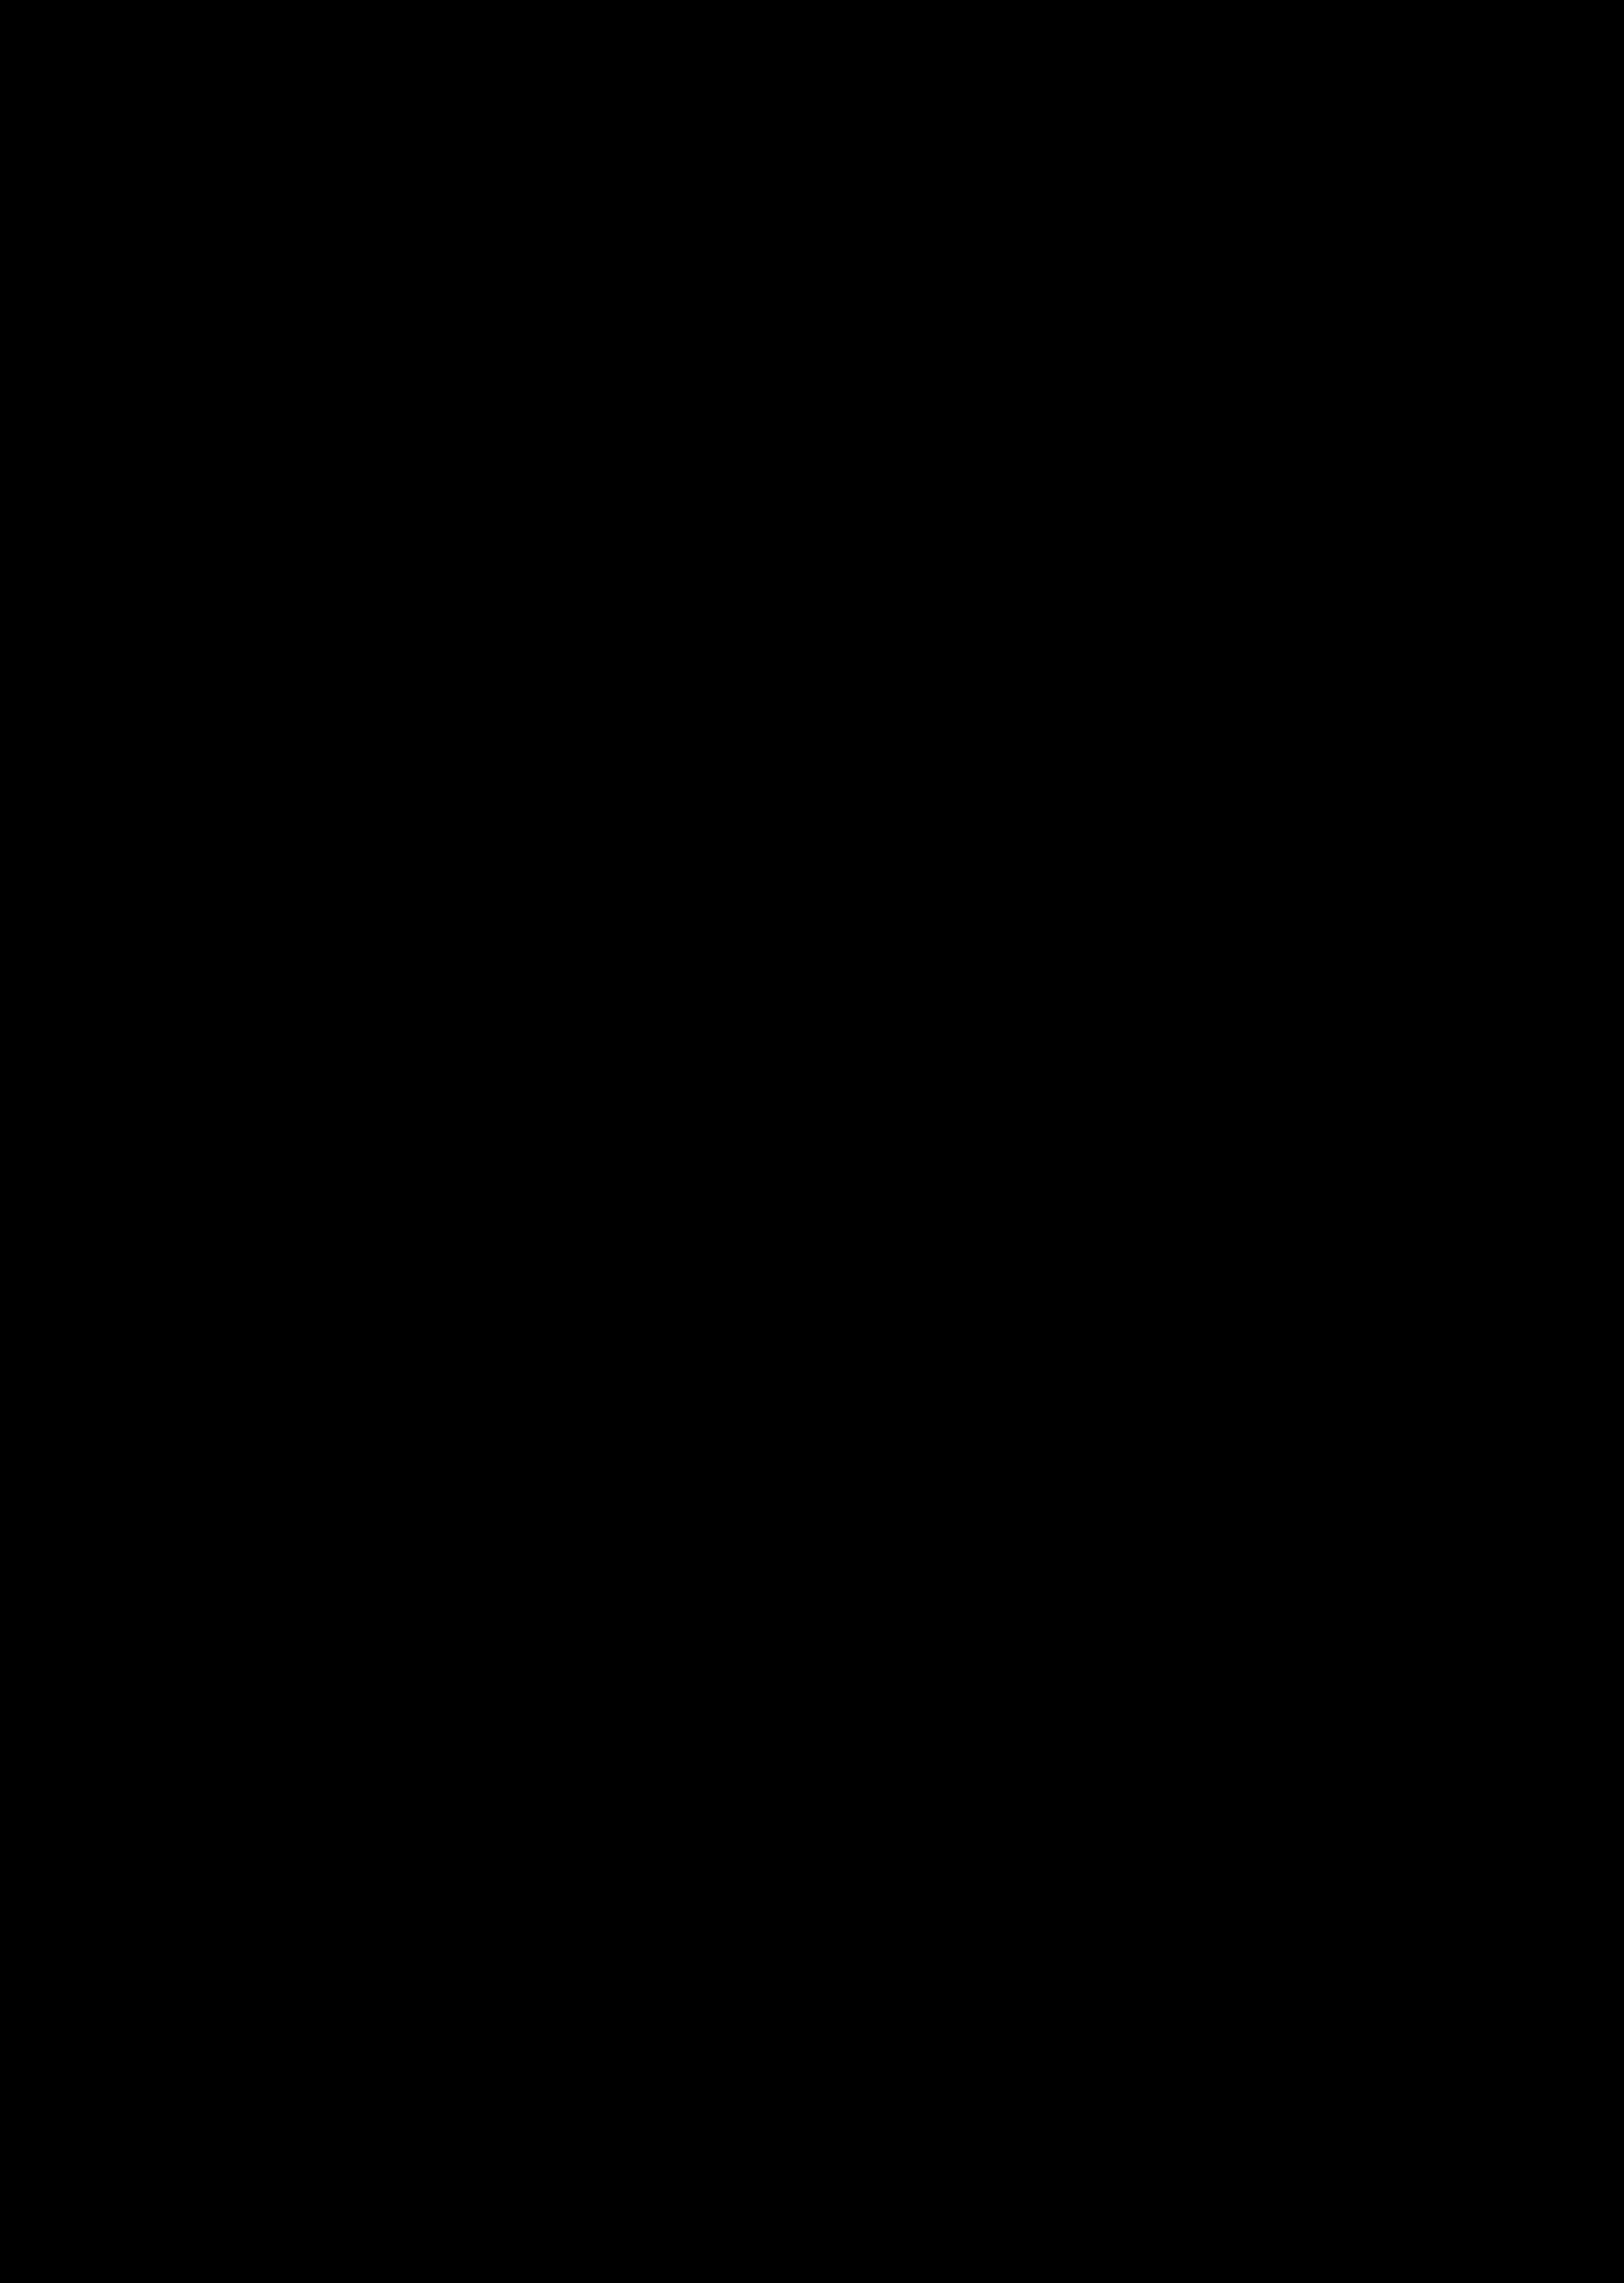 Narodowy Spis Powszechny Ludności i Mieszkań w Lublinie. Poszukiwani są rachmistrzowie - Zdjęcie główne